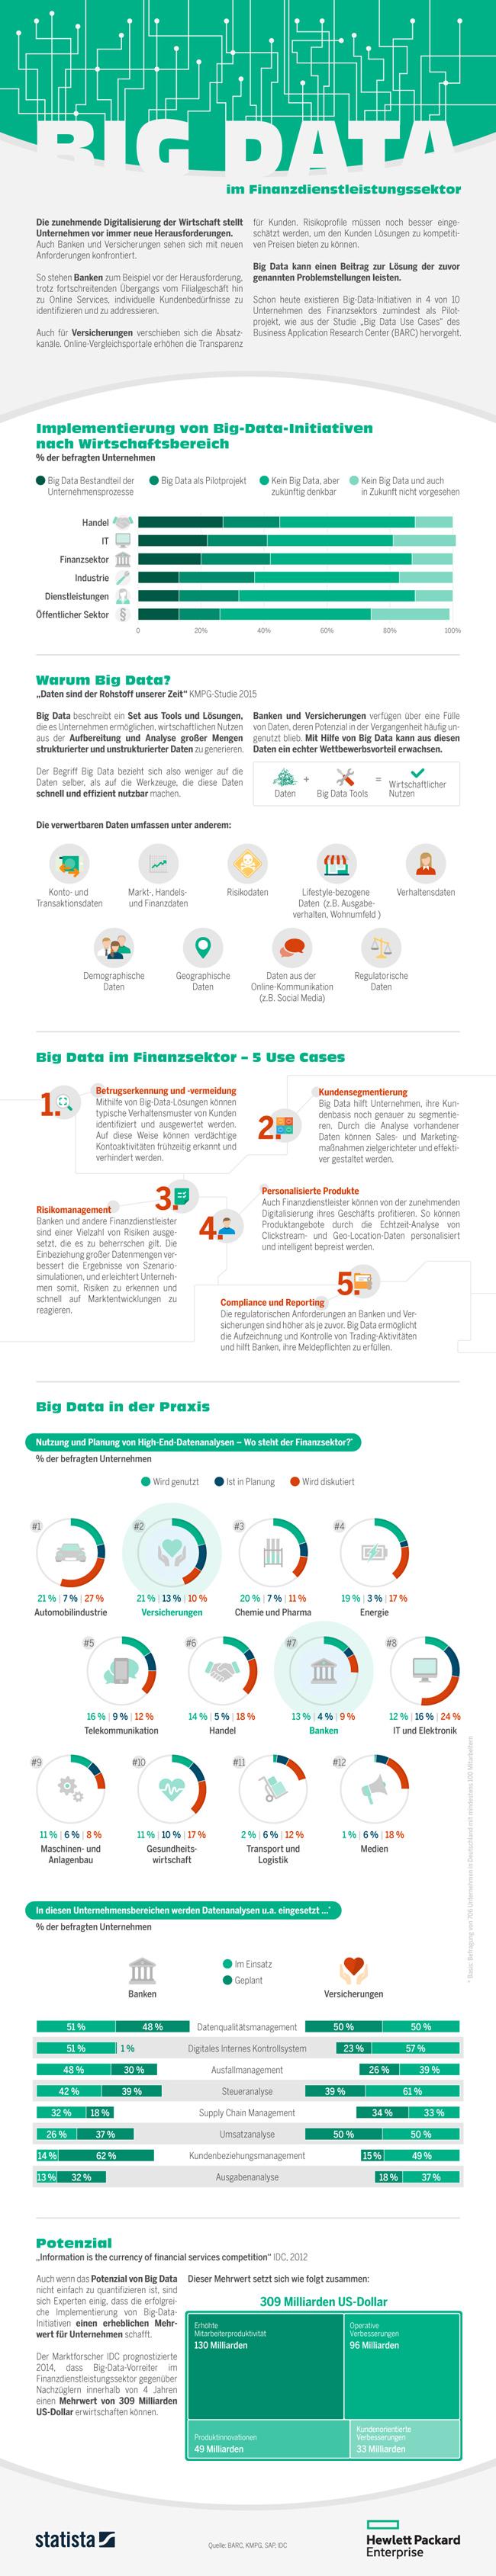 Infografik Big Data im Finanzdienstleistungssektor